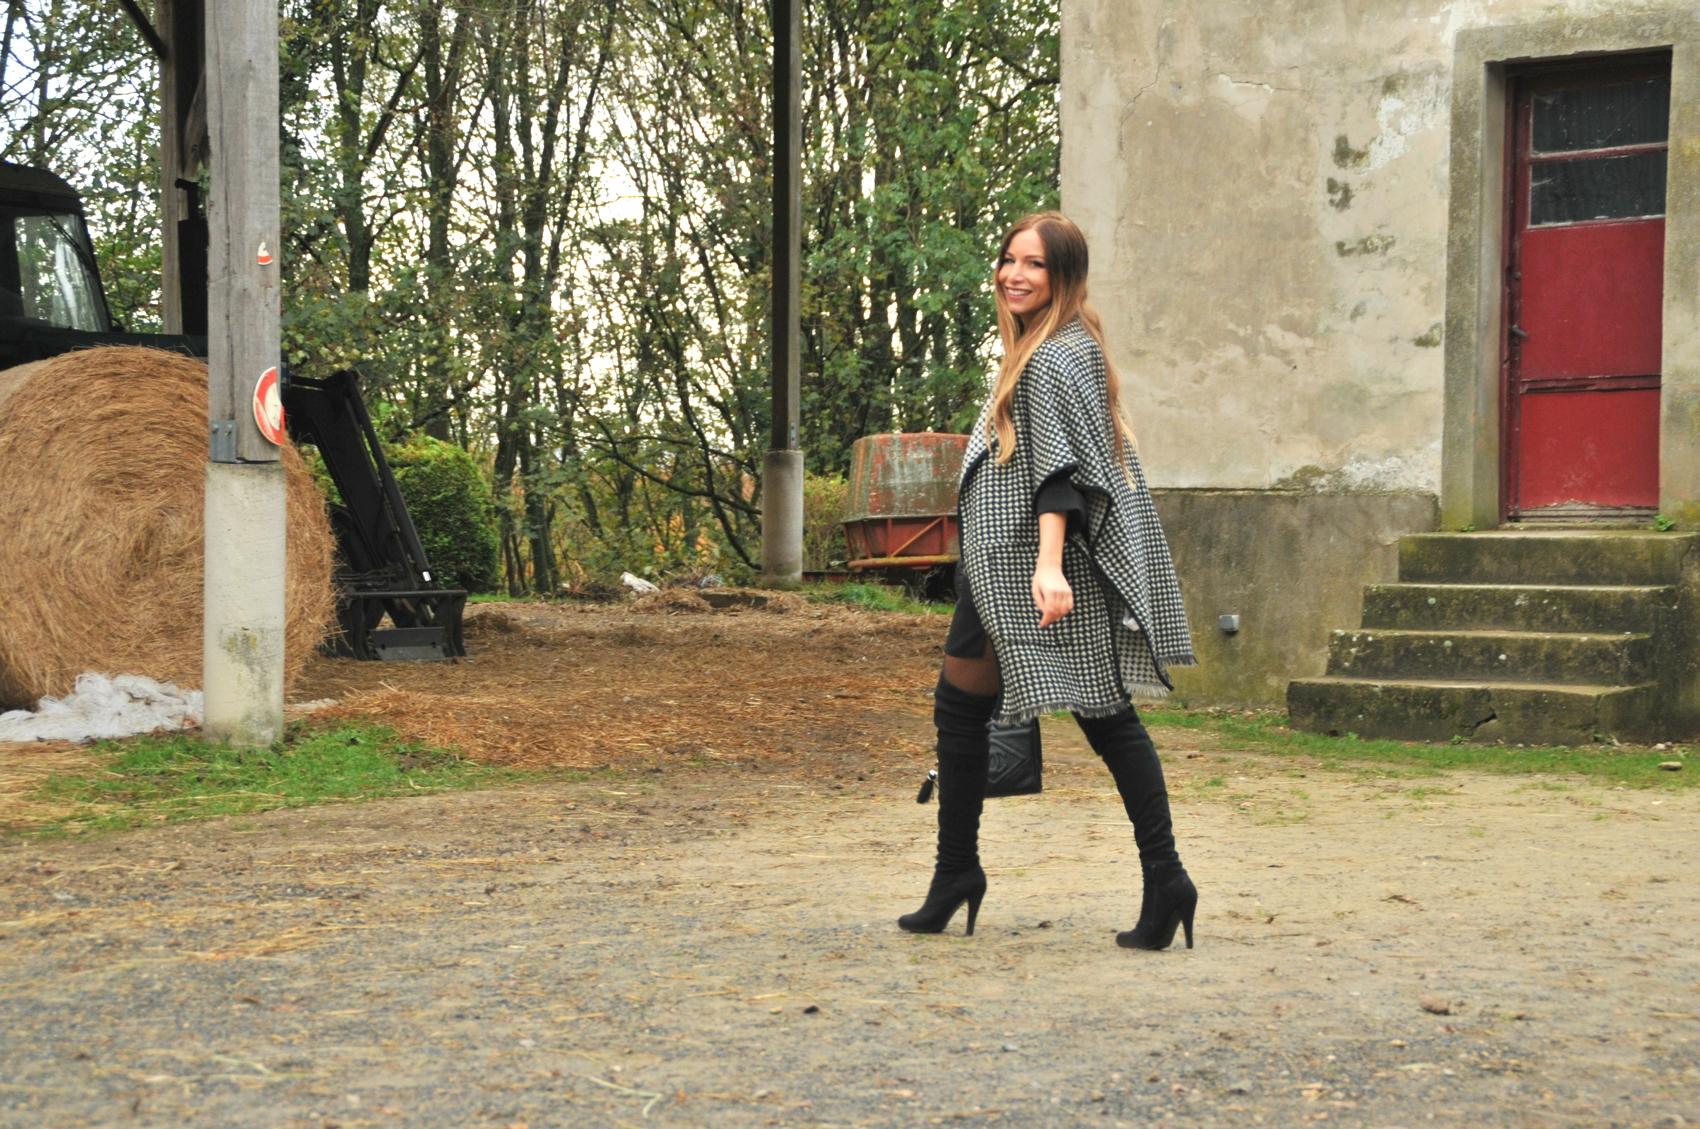 cuissarde à talons haut en daim noir cape en laine monochrome zara automne